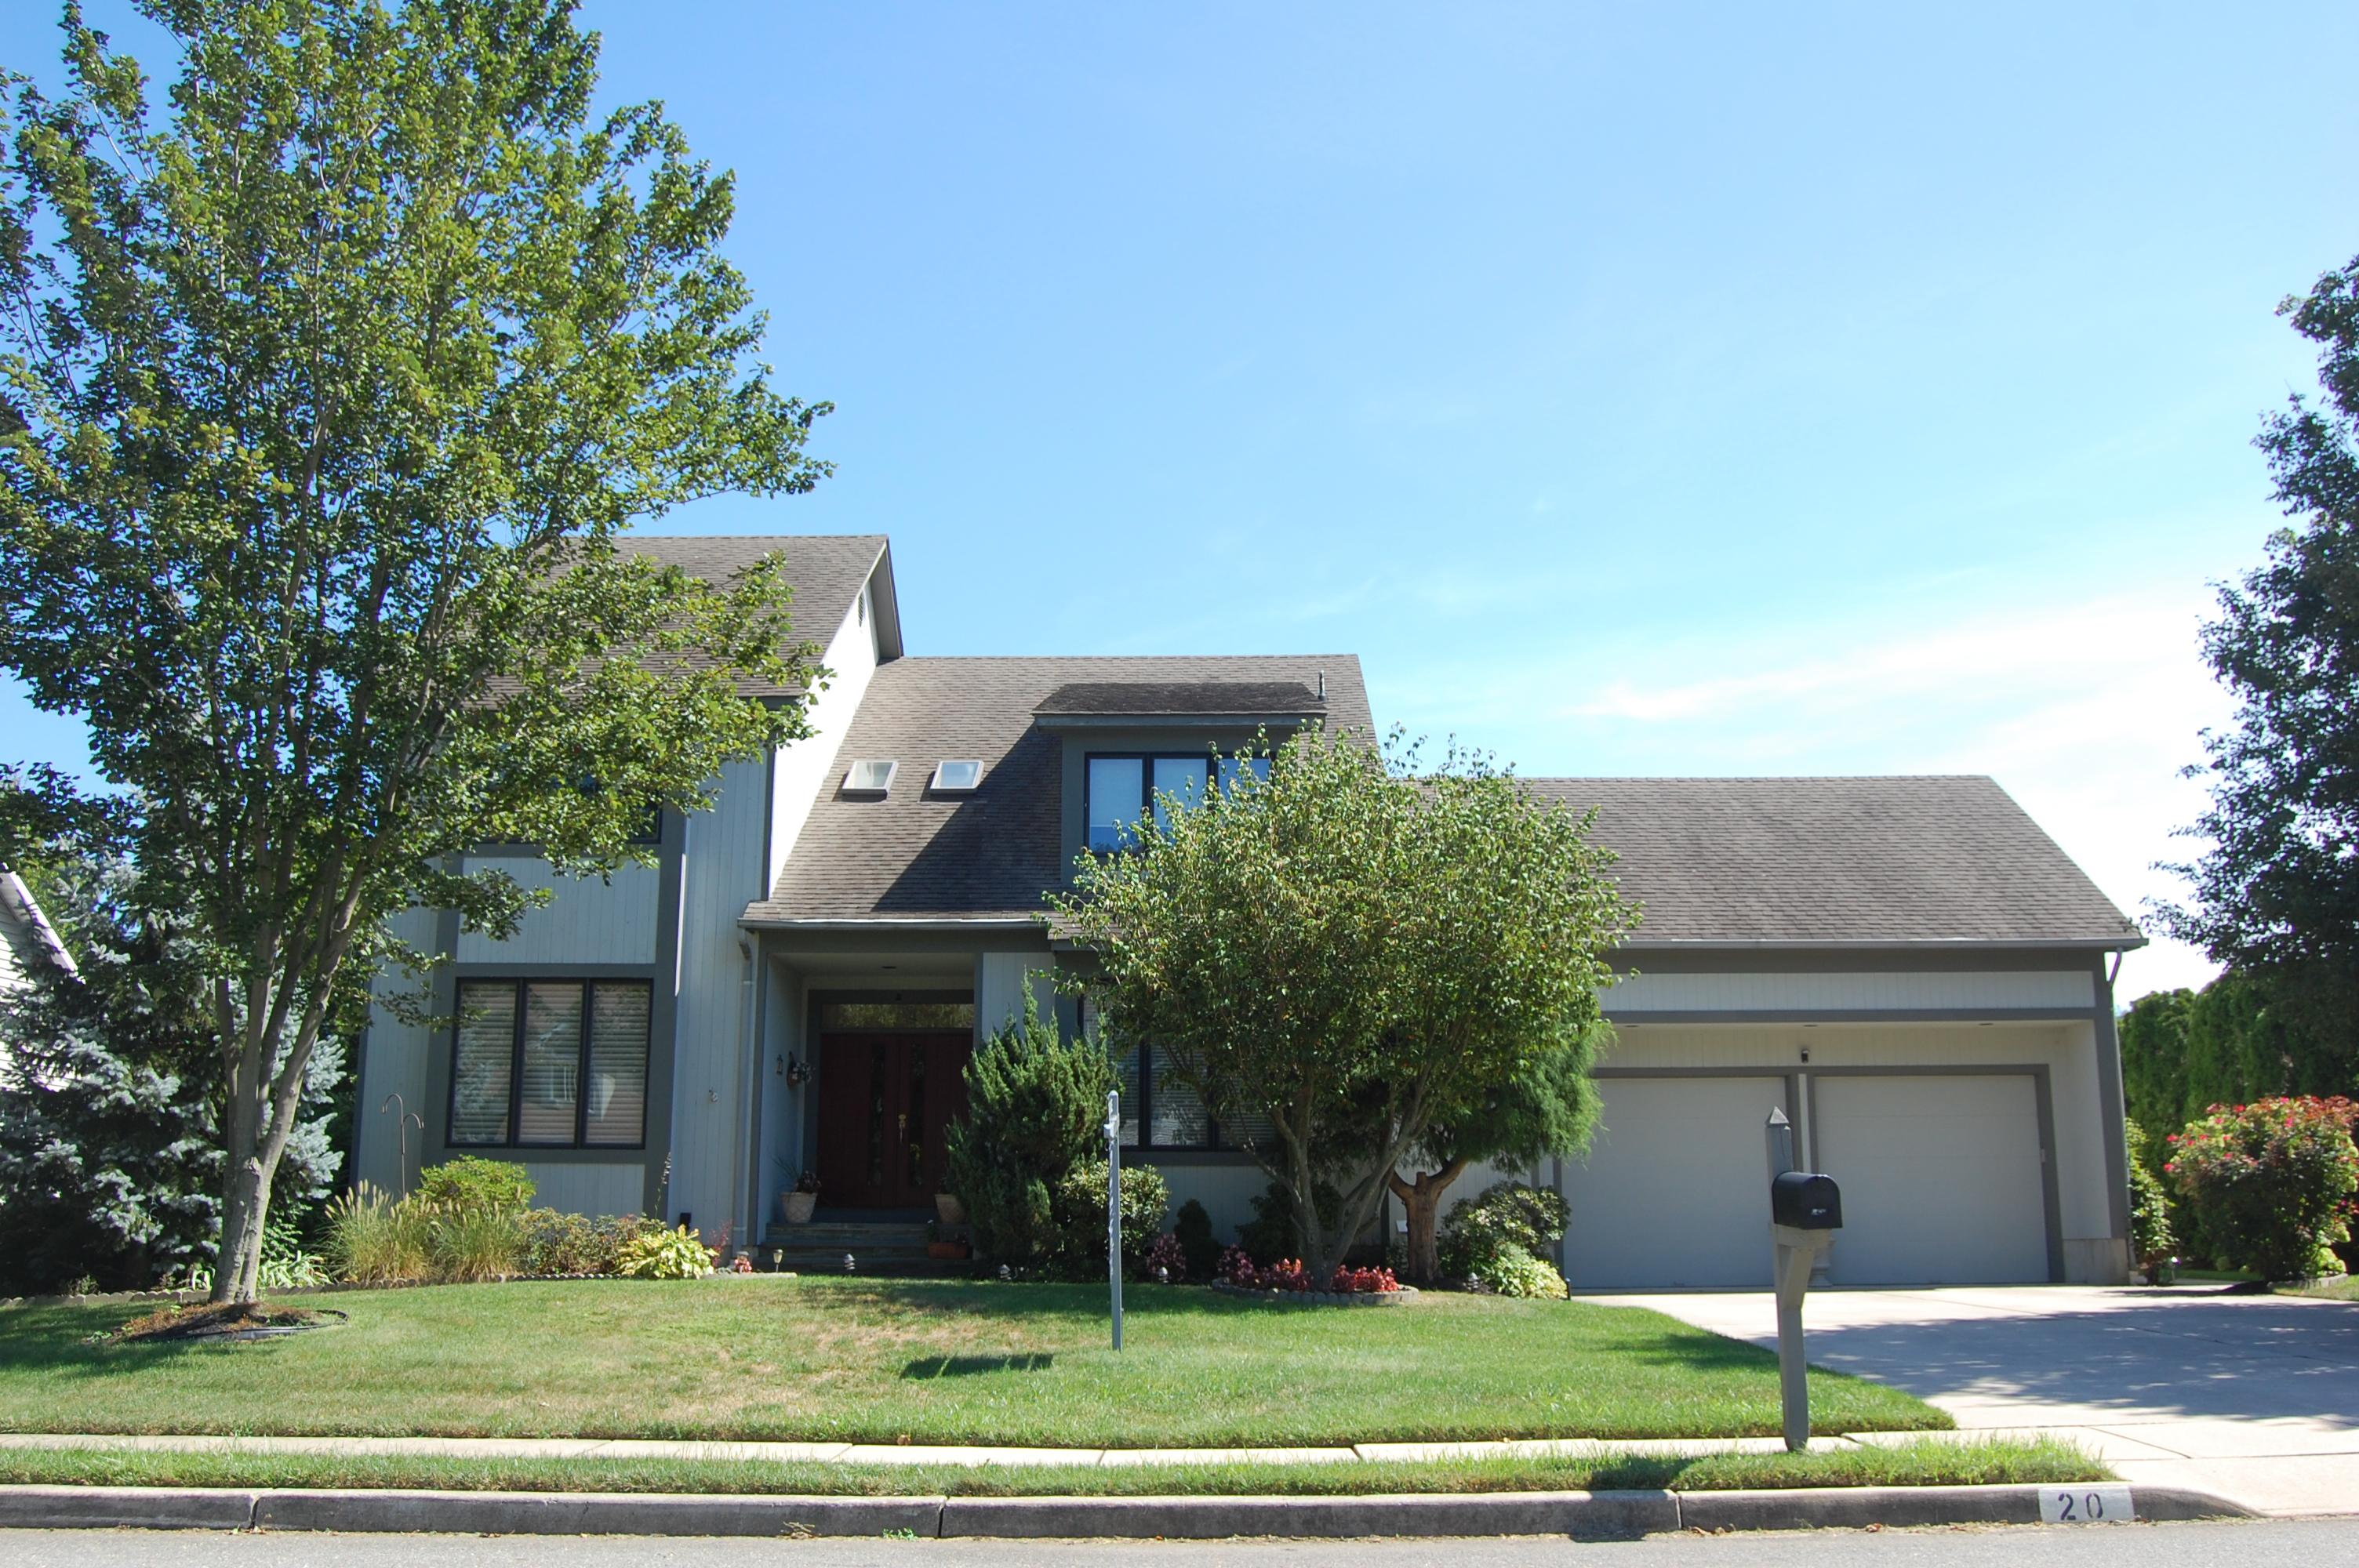 Tek Ailelik Ev için Satış at Premier Setting! 20 Lebanon Drive Brielle, New Jersey 08730 Amerika Birleşik Devletleri